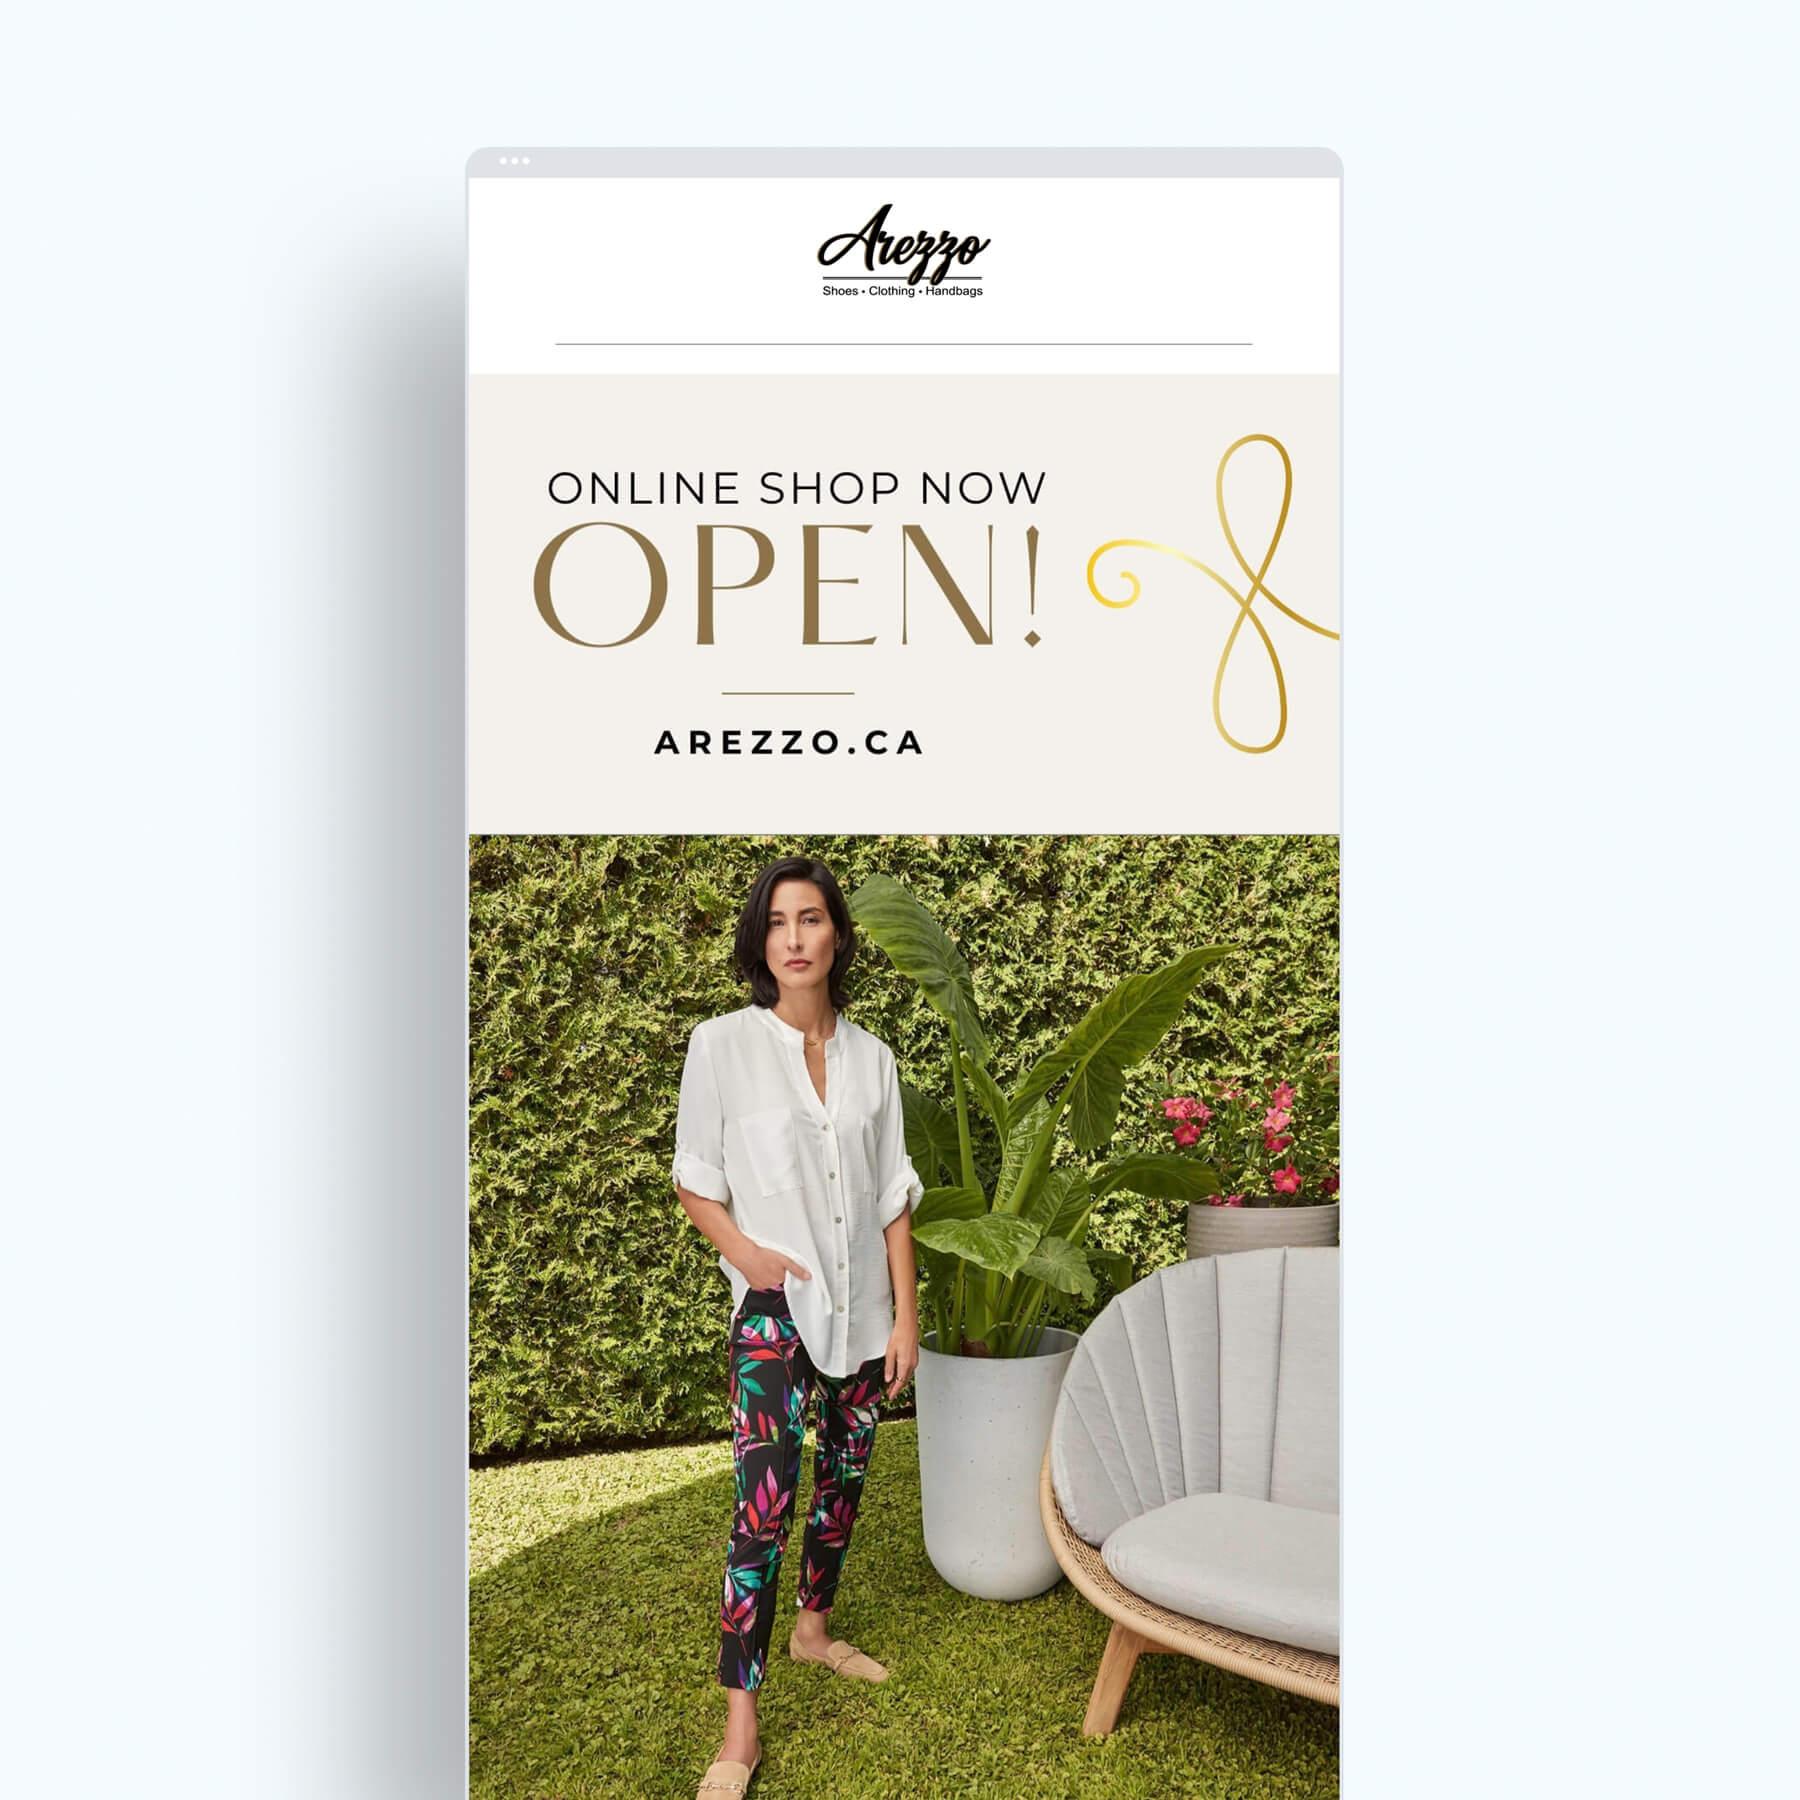 Arezzo email marketing design screenshot